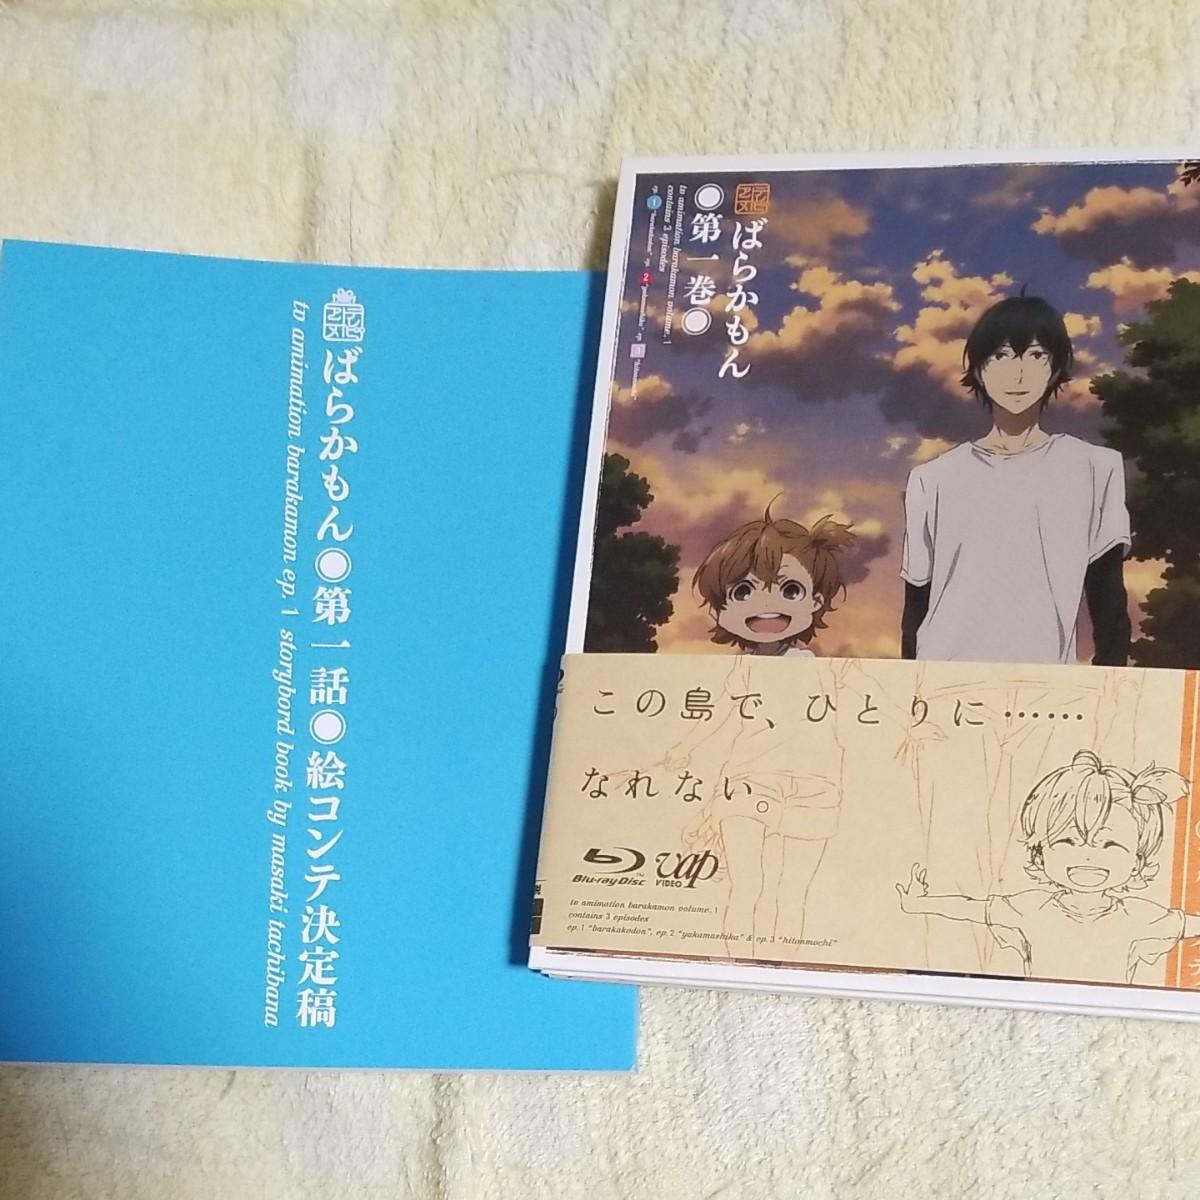 アニメ / 送料無料/ ばらかもん 第一巻BLU-RAY DISC